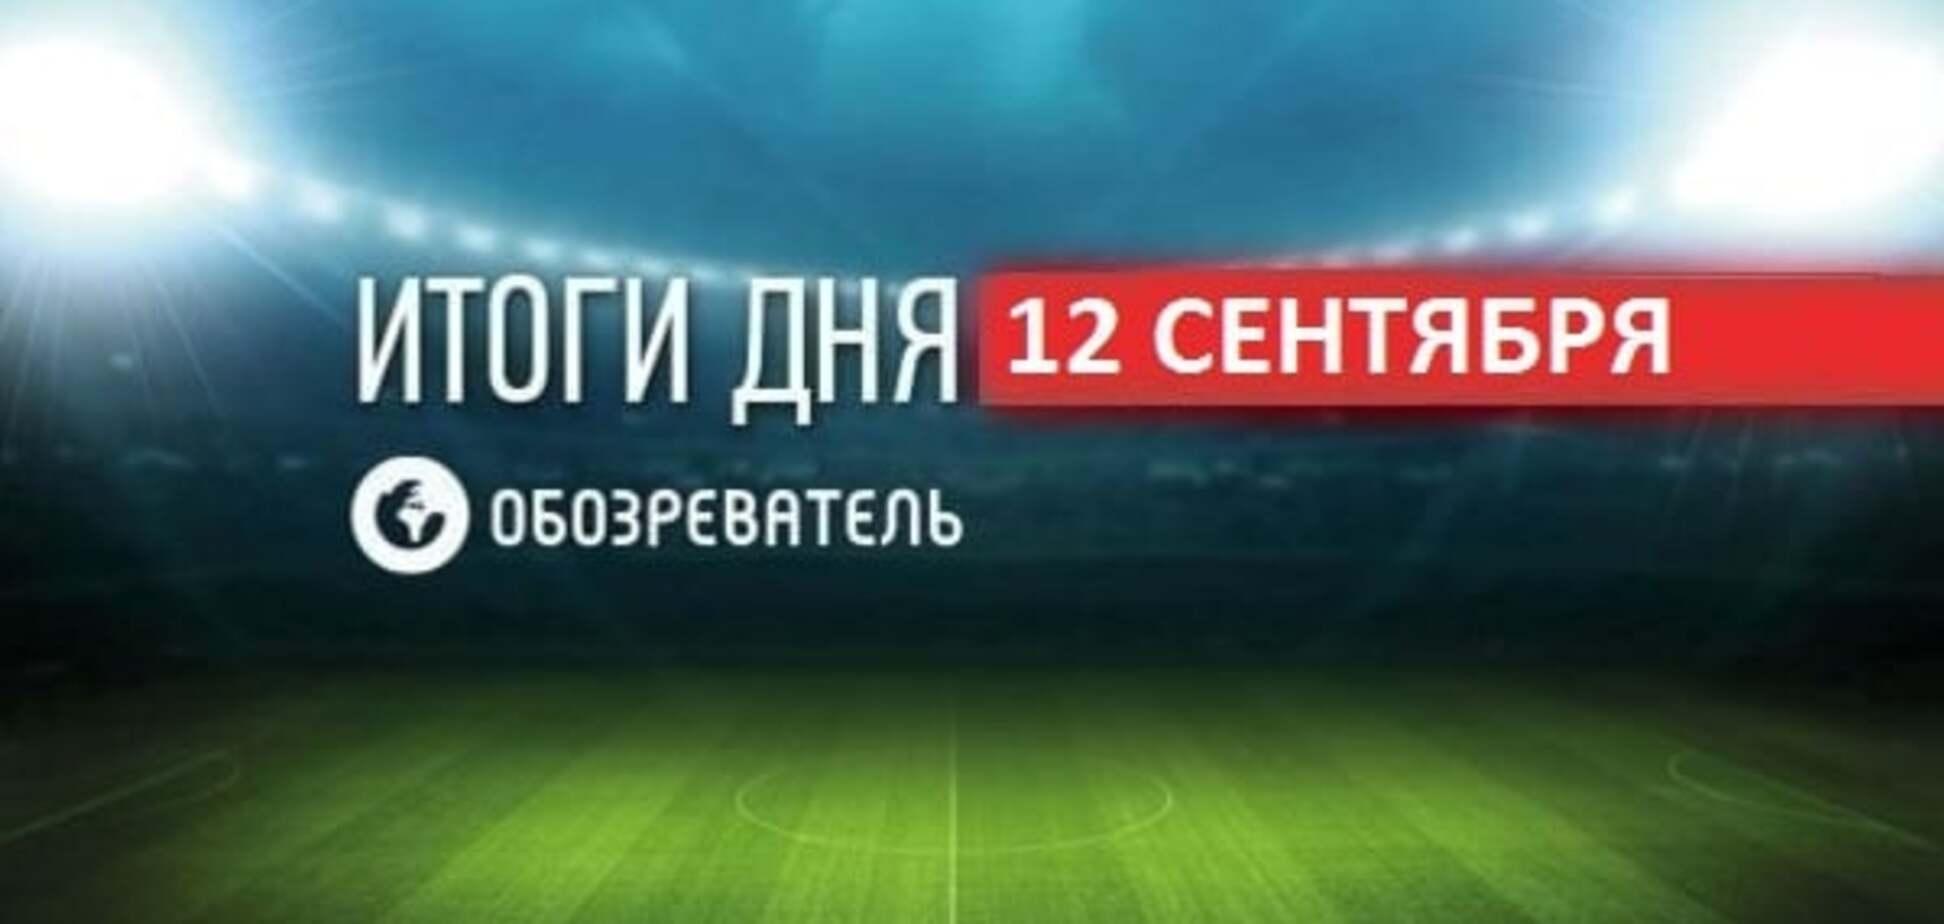 Україна завоювала ювілейну золоту медаль Паралімпіади. Спортивні підсумки 12 вересня